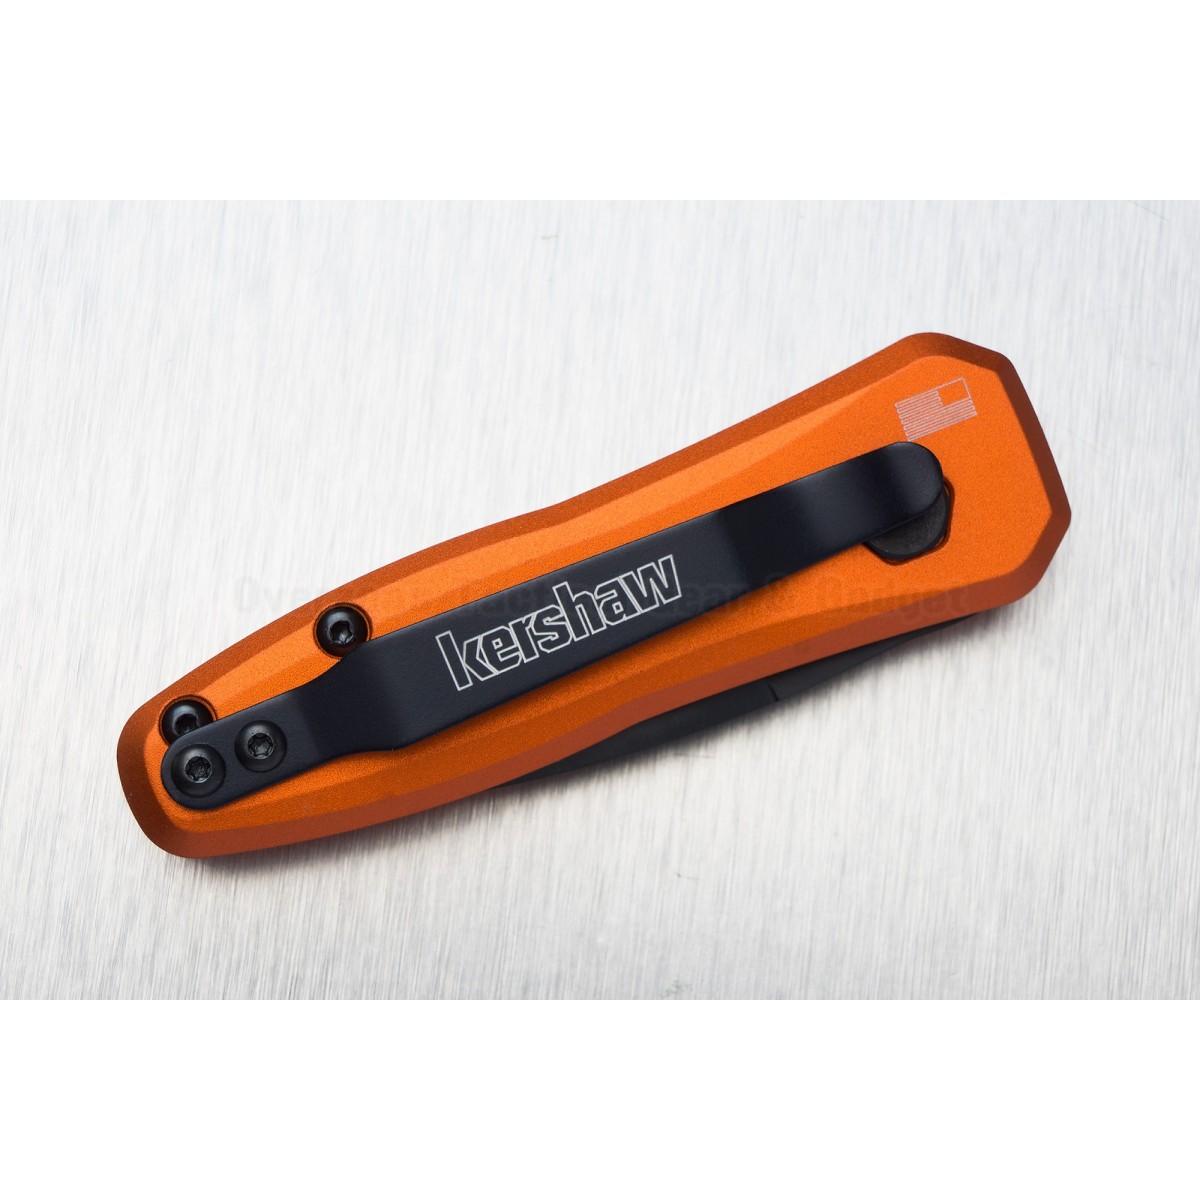 """มีดออโต้ Kershaw Launch 4 CA Legal Automatic Knife Orange (1.9"""" Black) 7500OR *Sprint run*"""